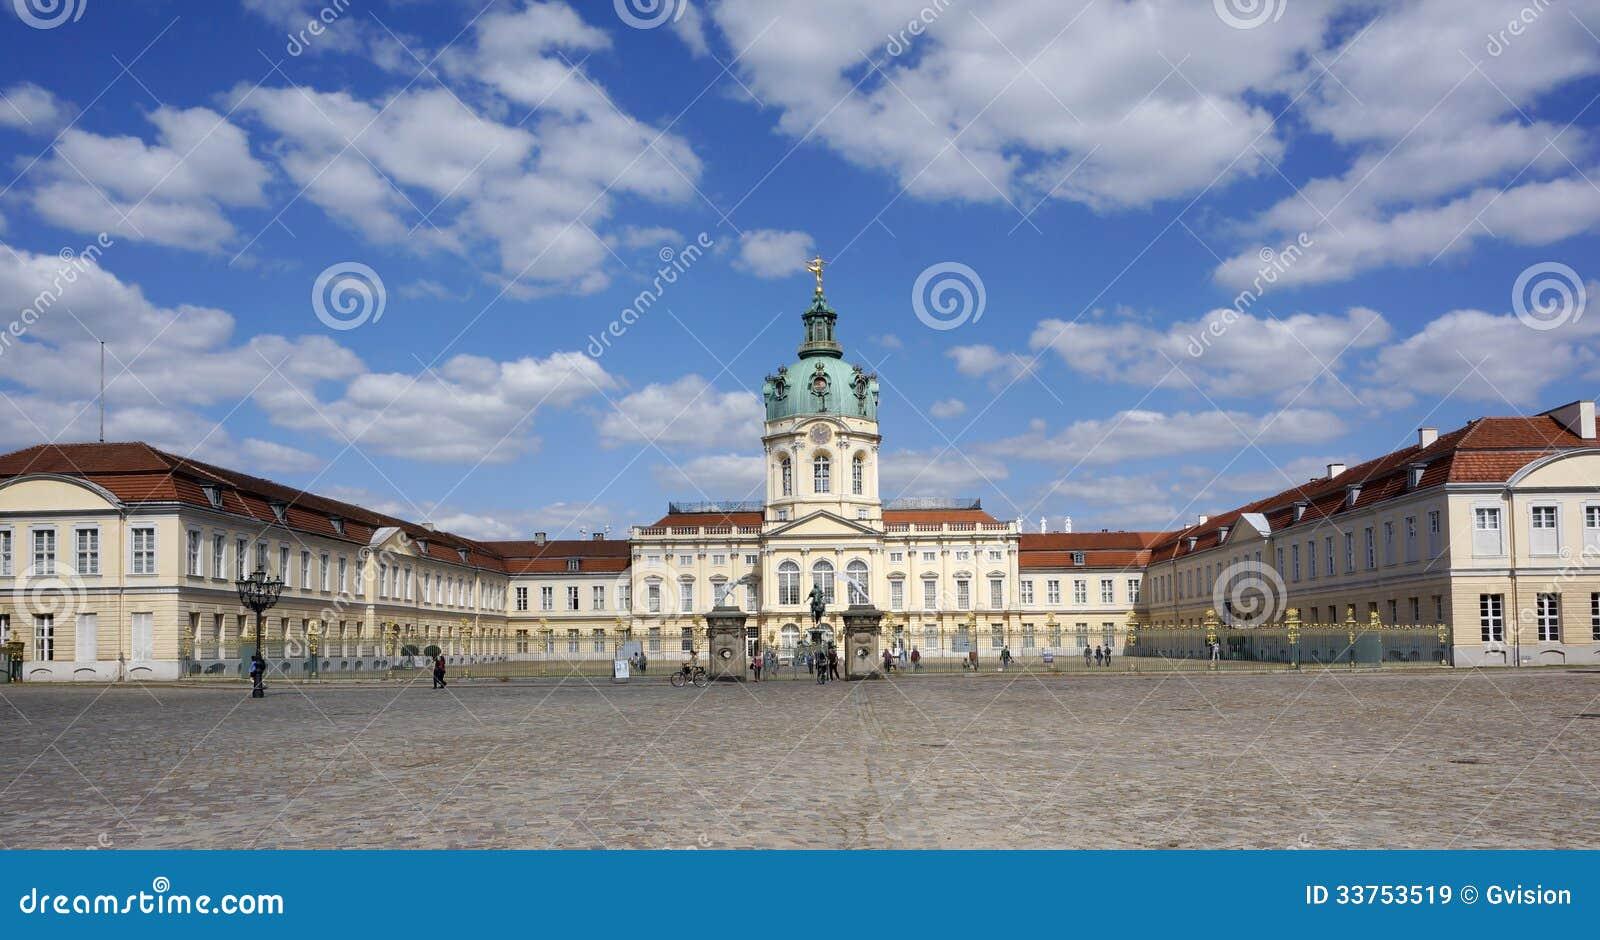 Charlottenburg slott